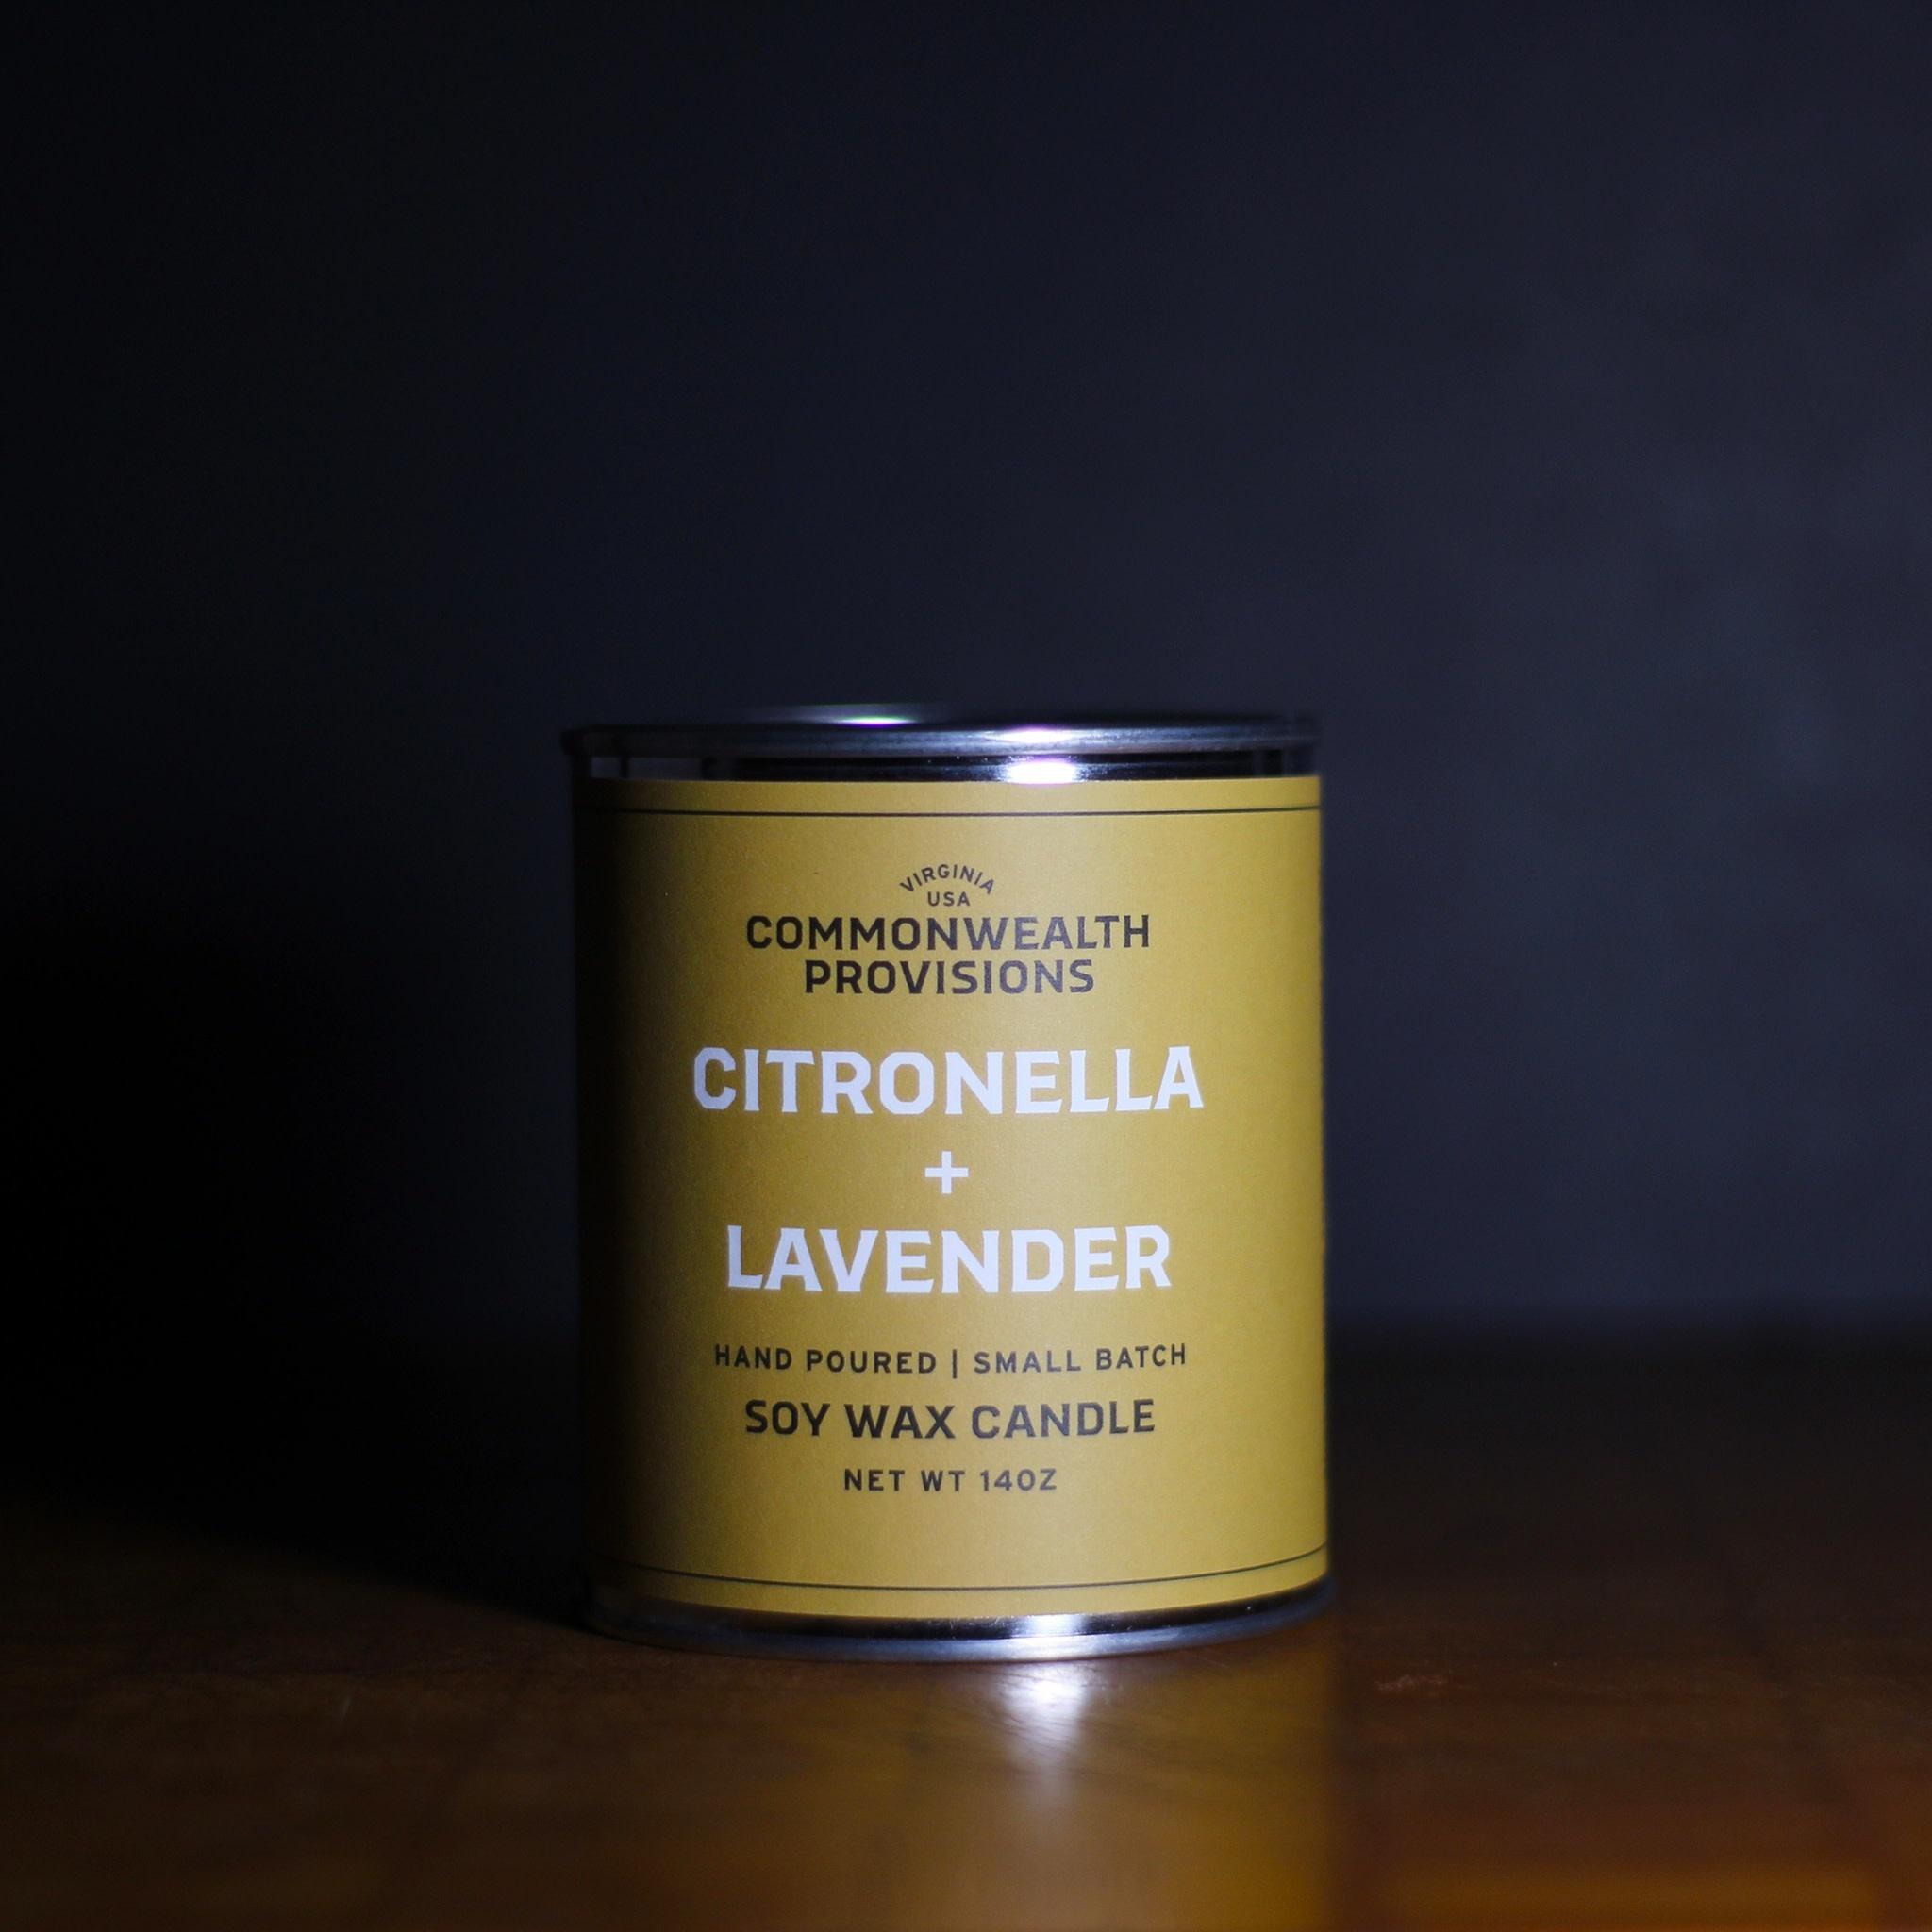 Commonwealth Provisions Citronella & Lavender Candle